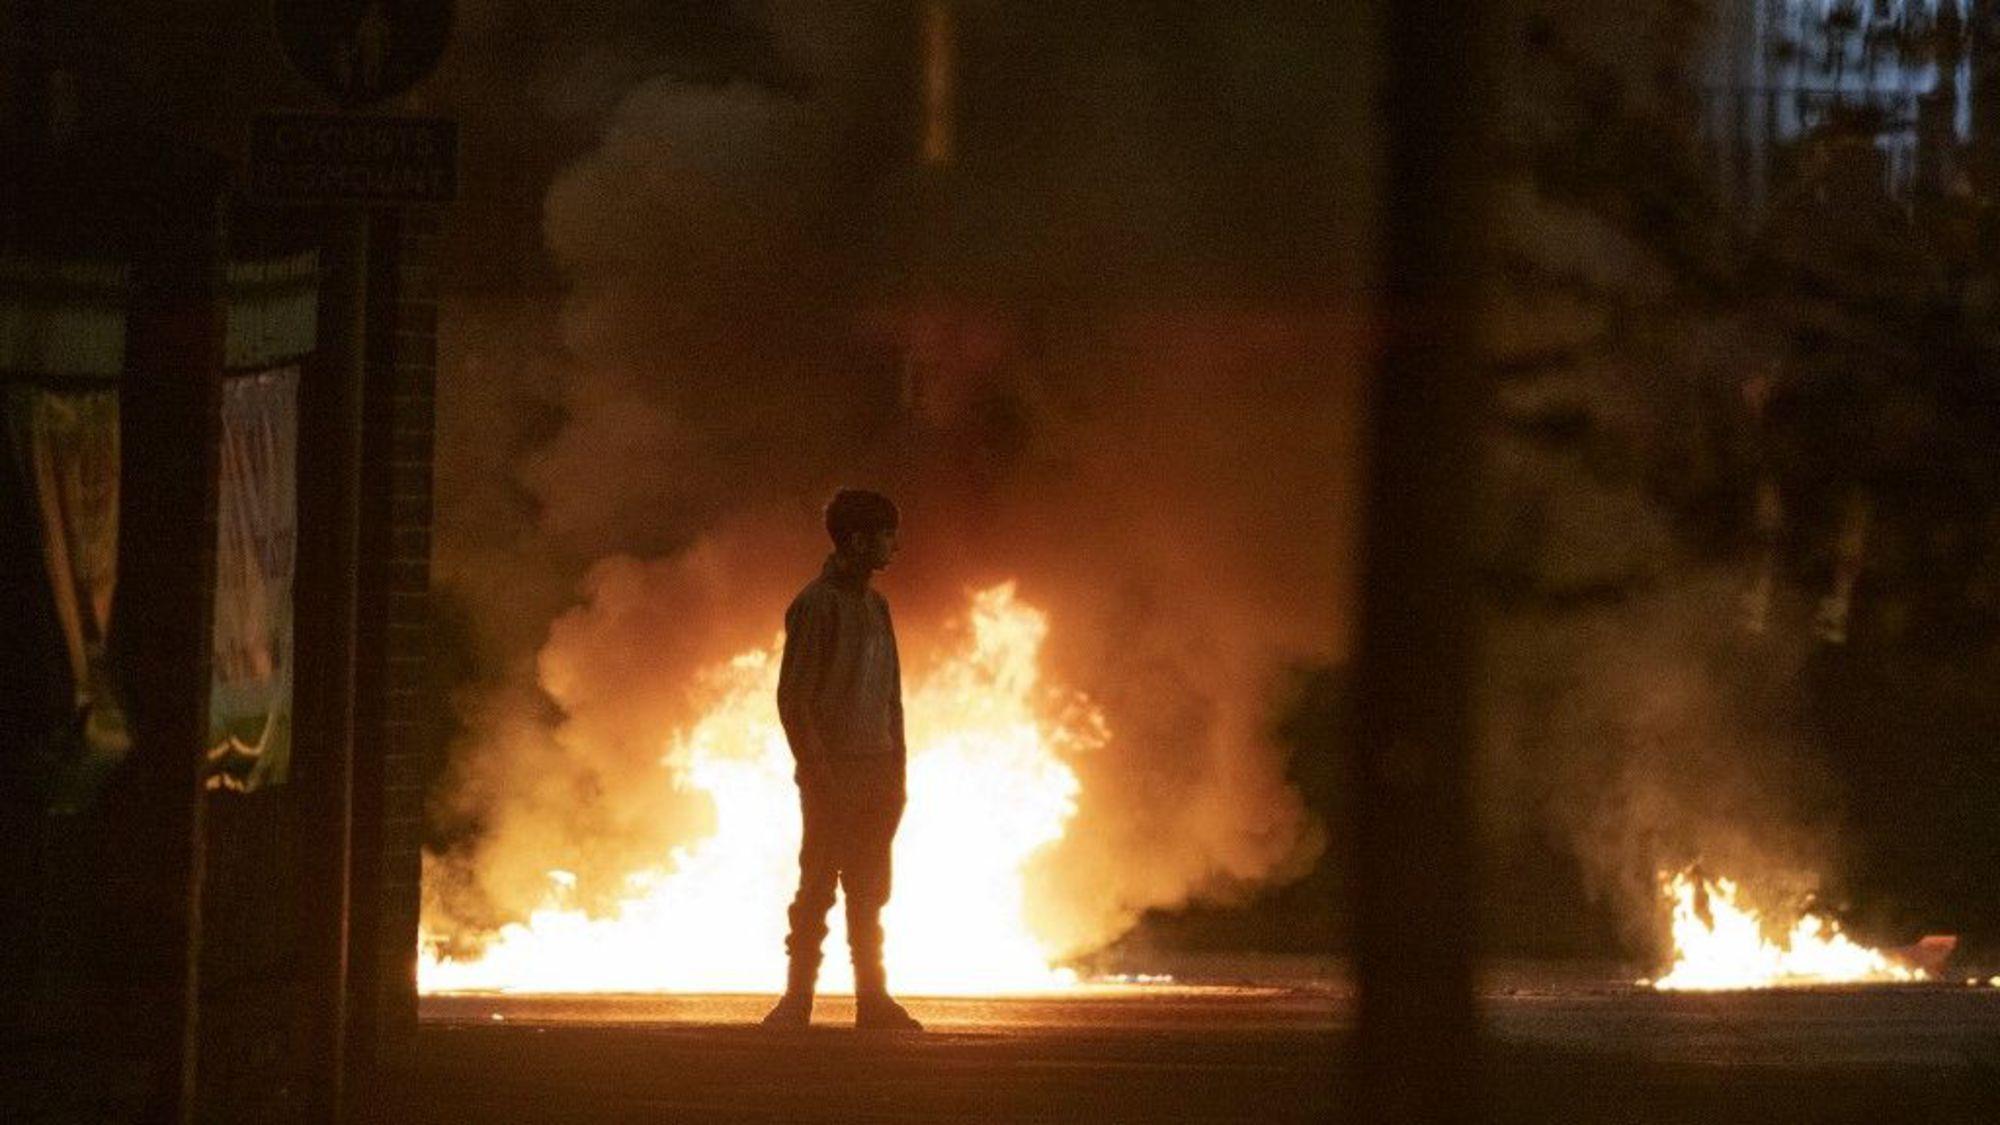 Royaume-Uni : flambée de violences en Irlande du Nord